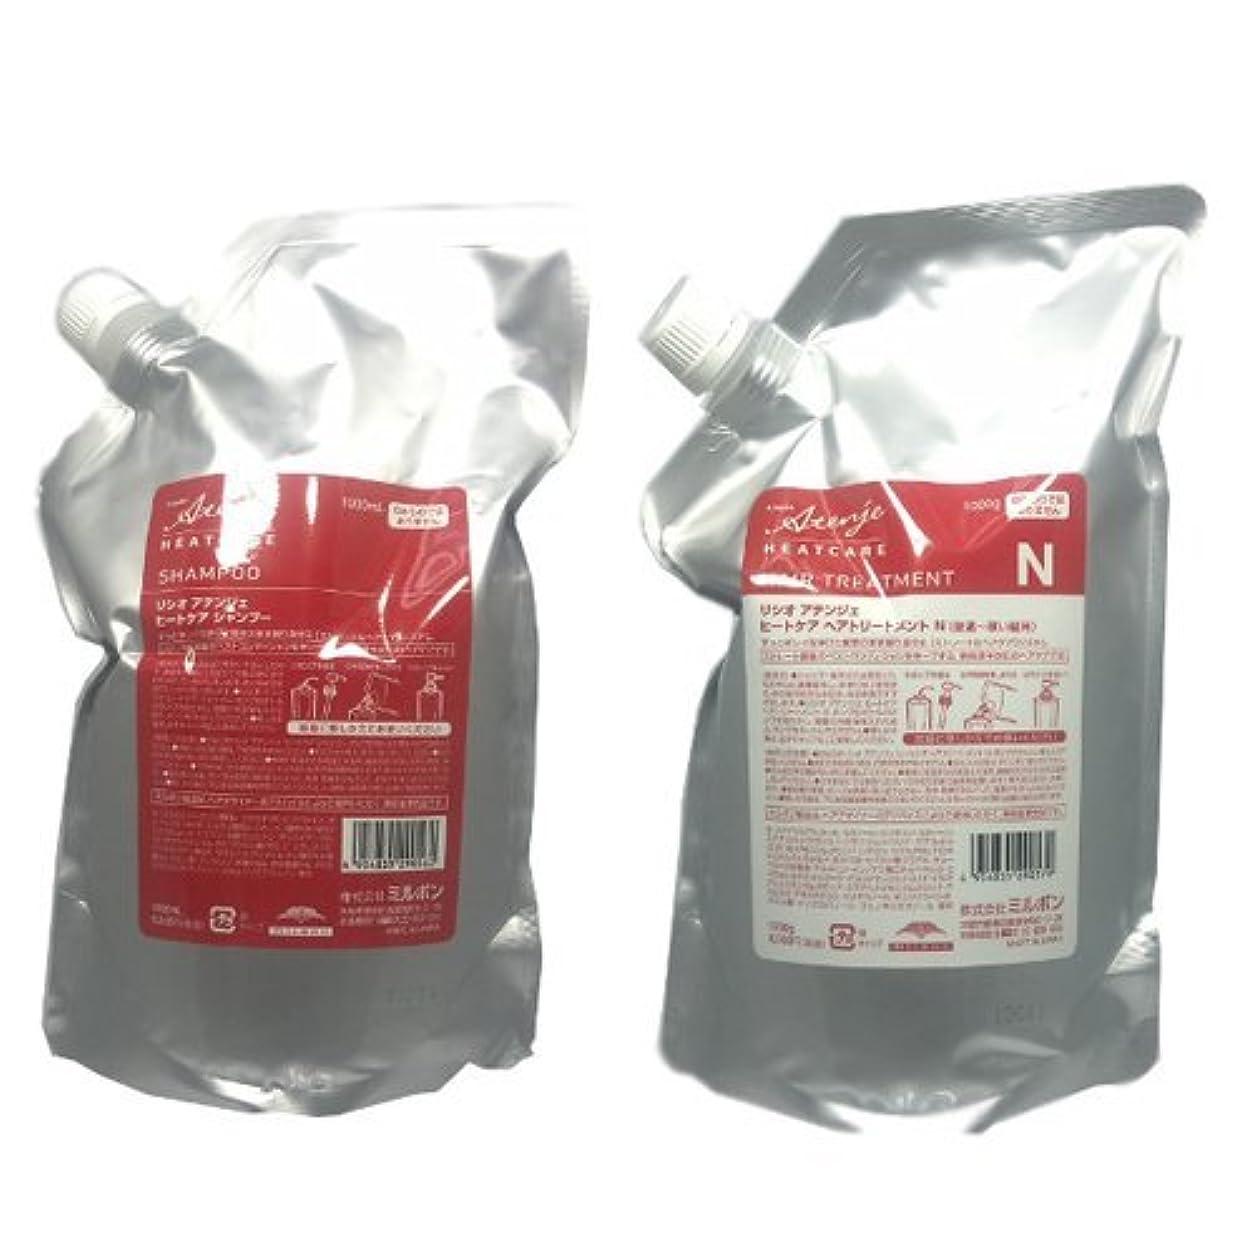 化学重要なテザーミルボン リシオ アテンジェ ヒートケア シャンプー 1000ml + トリートメントN 1000g 詰替用セット